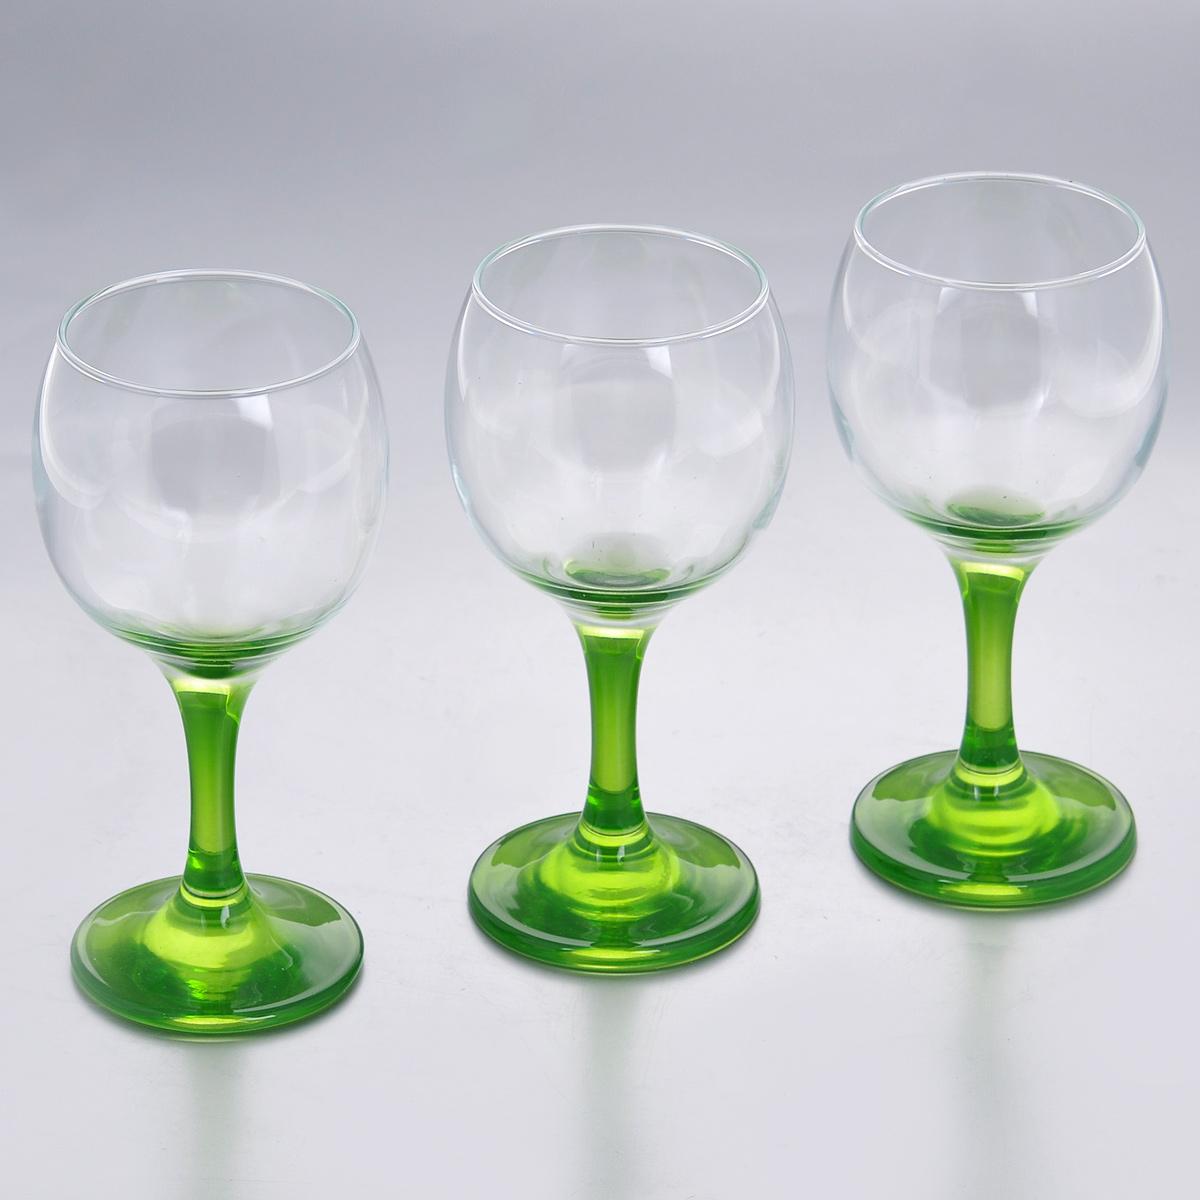 Набор фужеров Glass4you, цвет: зеленый, 220 мл, 3 шт44412GR/Набор Glass4you состоит из трех фужеров, выполненных из прочного натрий-кальций-силикатного стекла. Изделия имеют тонкие высокие цветные ножки. Фужеры излучают приятный блеск и издают мелодичный звон. Предназначены для подачи вина. Набор фужеров Glass4you прекрасно оформит праздничный стол и станет хорошим подарком к любому случаю. Можно мыть в посудомоечной машине.Диаметр фужера (по верхнему краю): 6,6 см. Высота фужера: 14,5 см. Диаметр основания: 6,4 см.